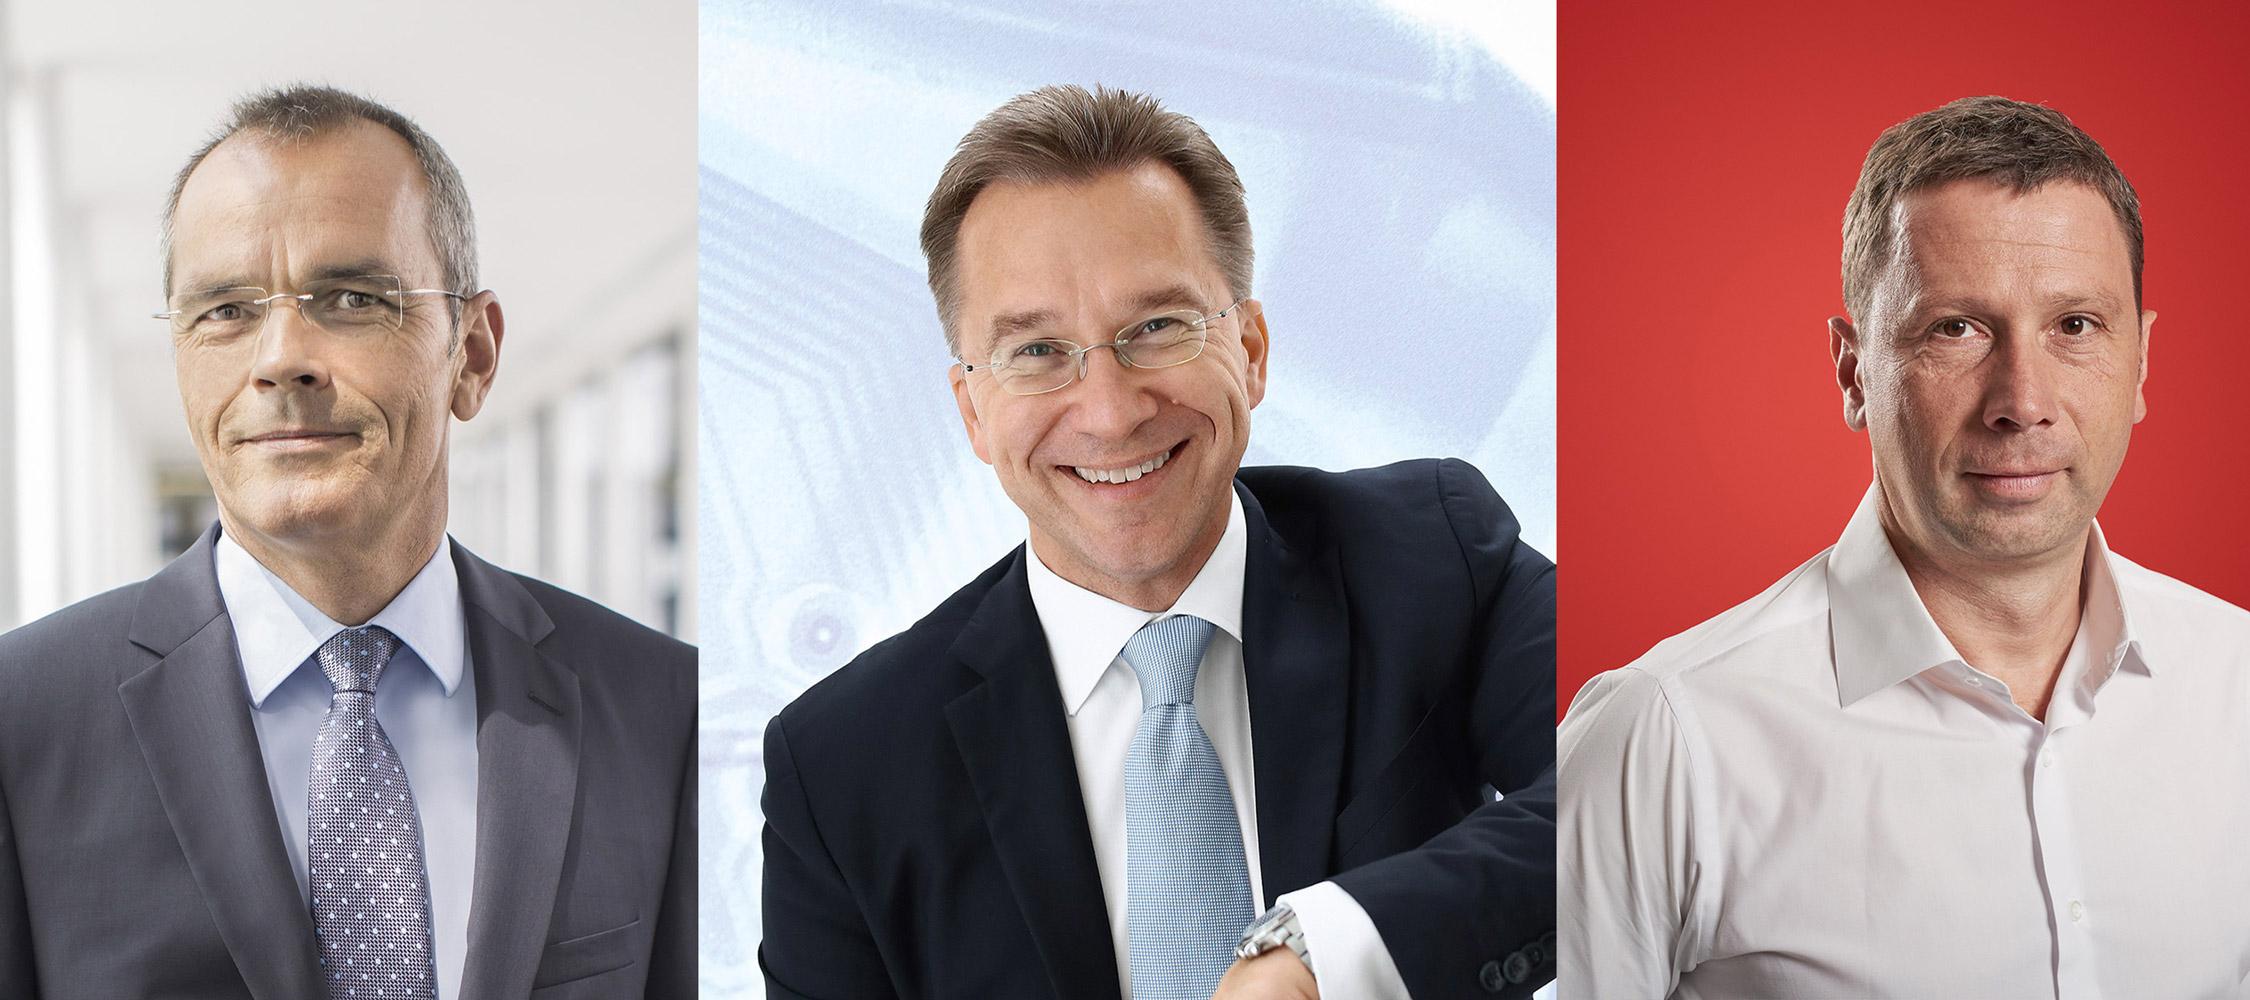 Dr. Stefan Müller, Benedict Kober, Jens Heithecker